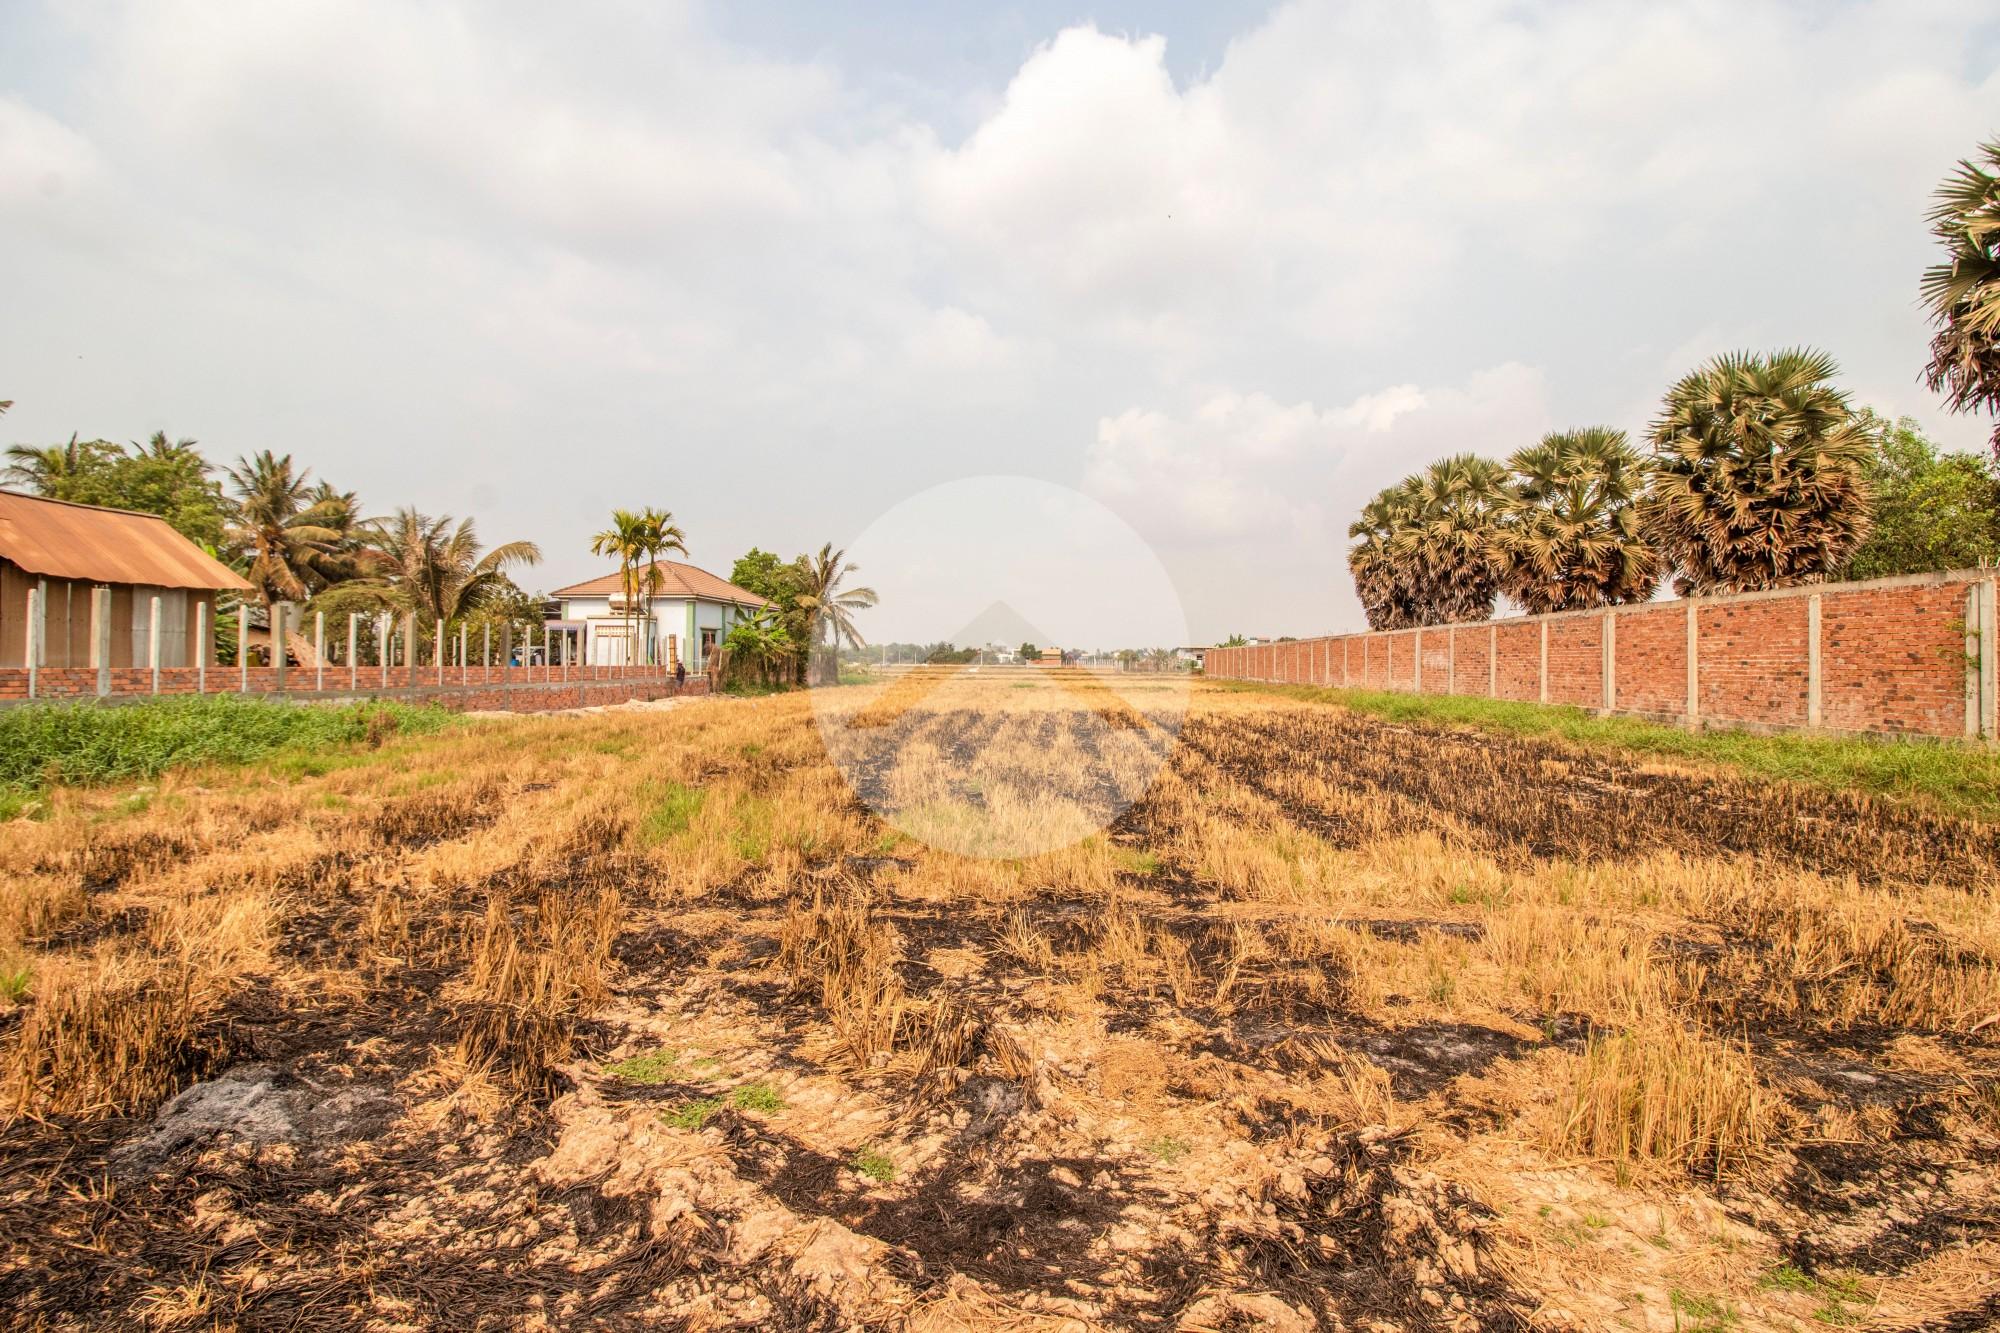 2600 Sqm Residential Land For Sale - Chreav, Siem Reap